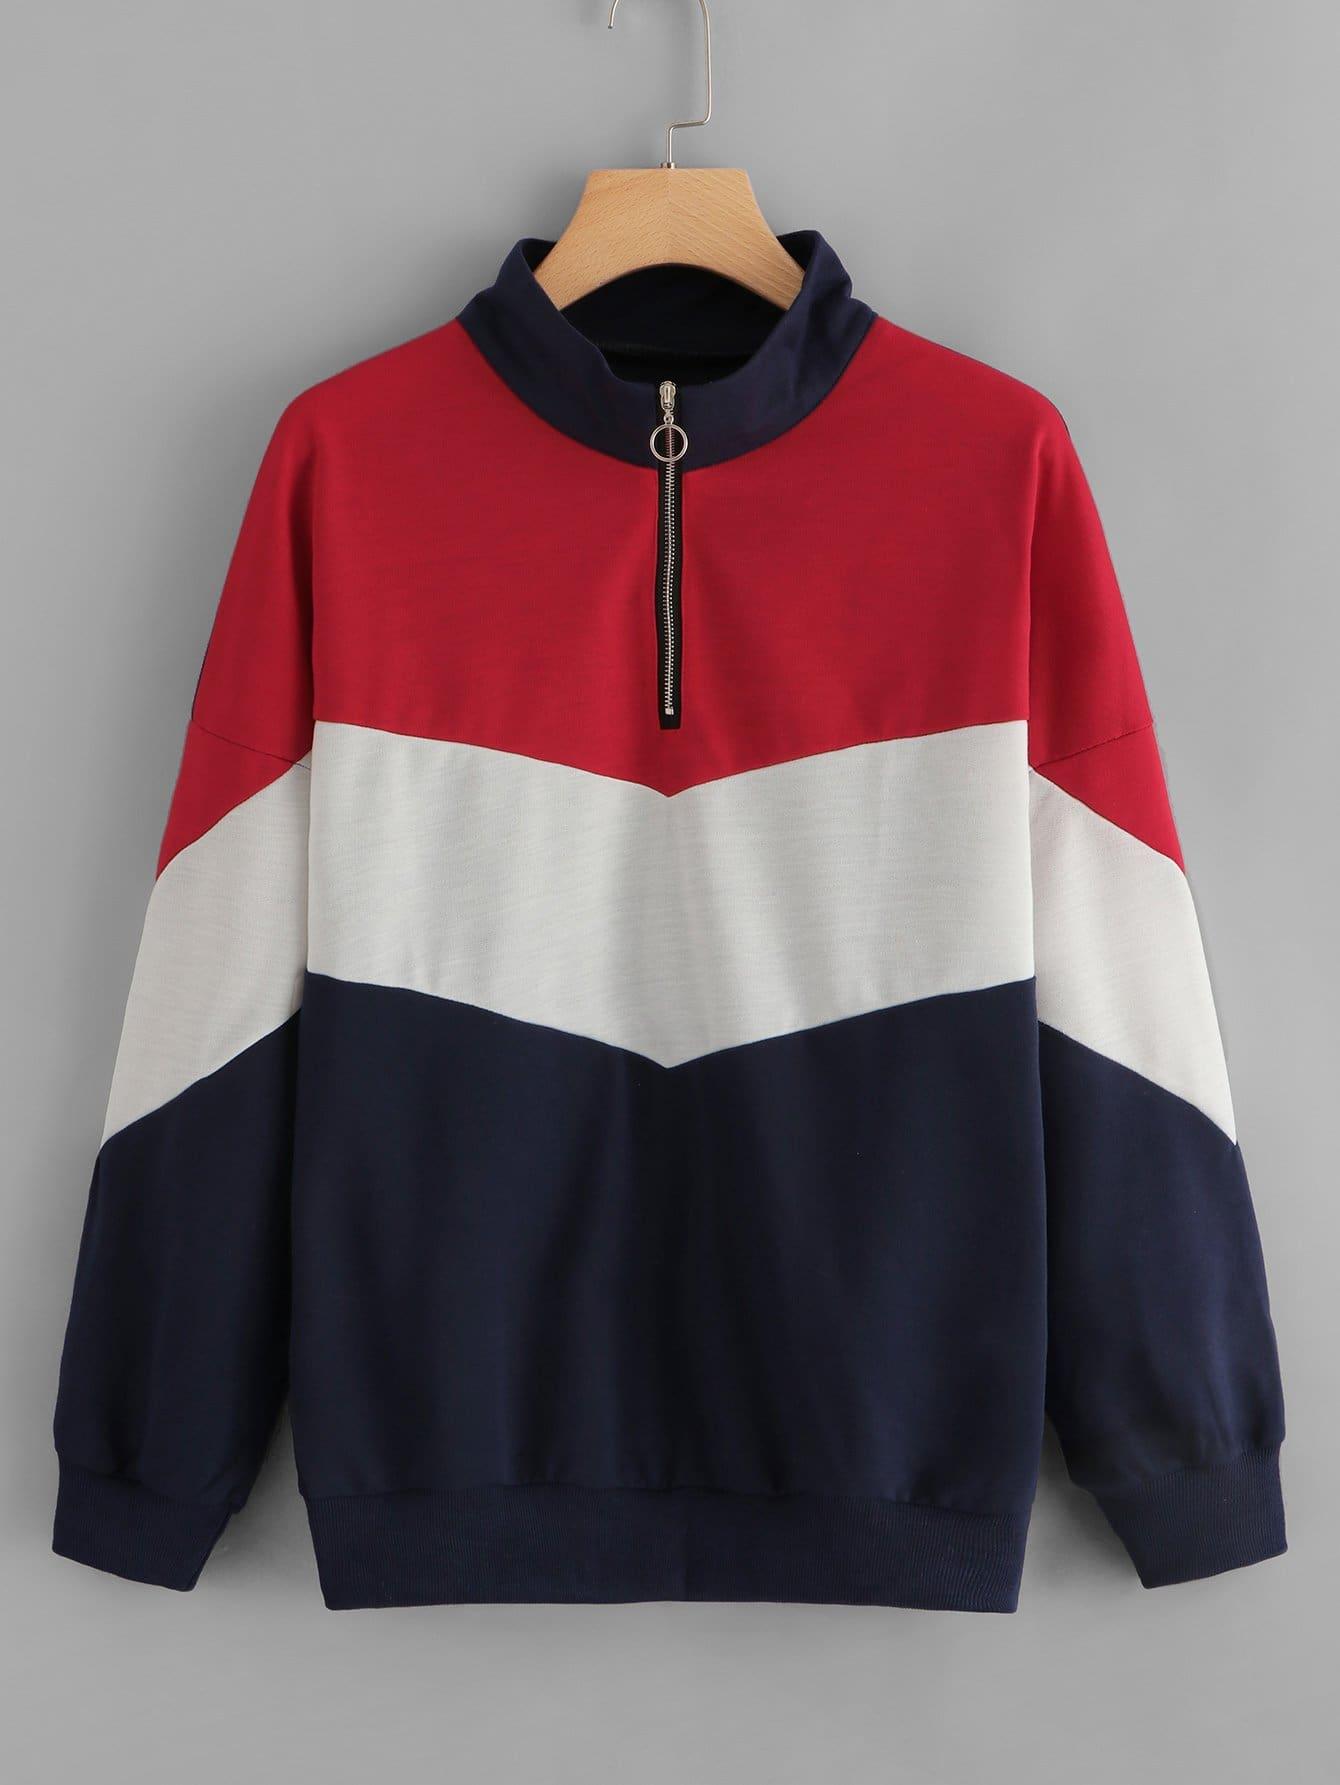 Zip Up Neck Colorblock Sweatshirt